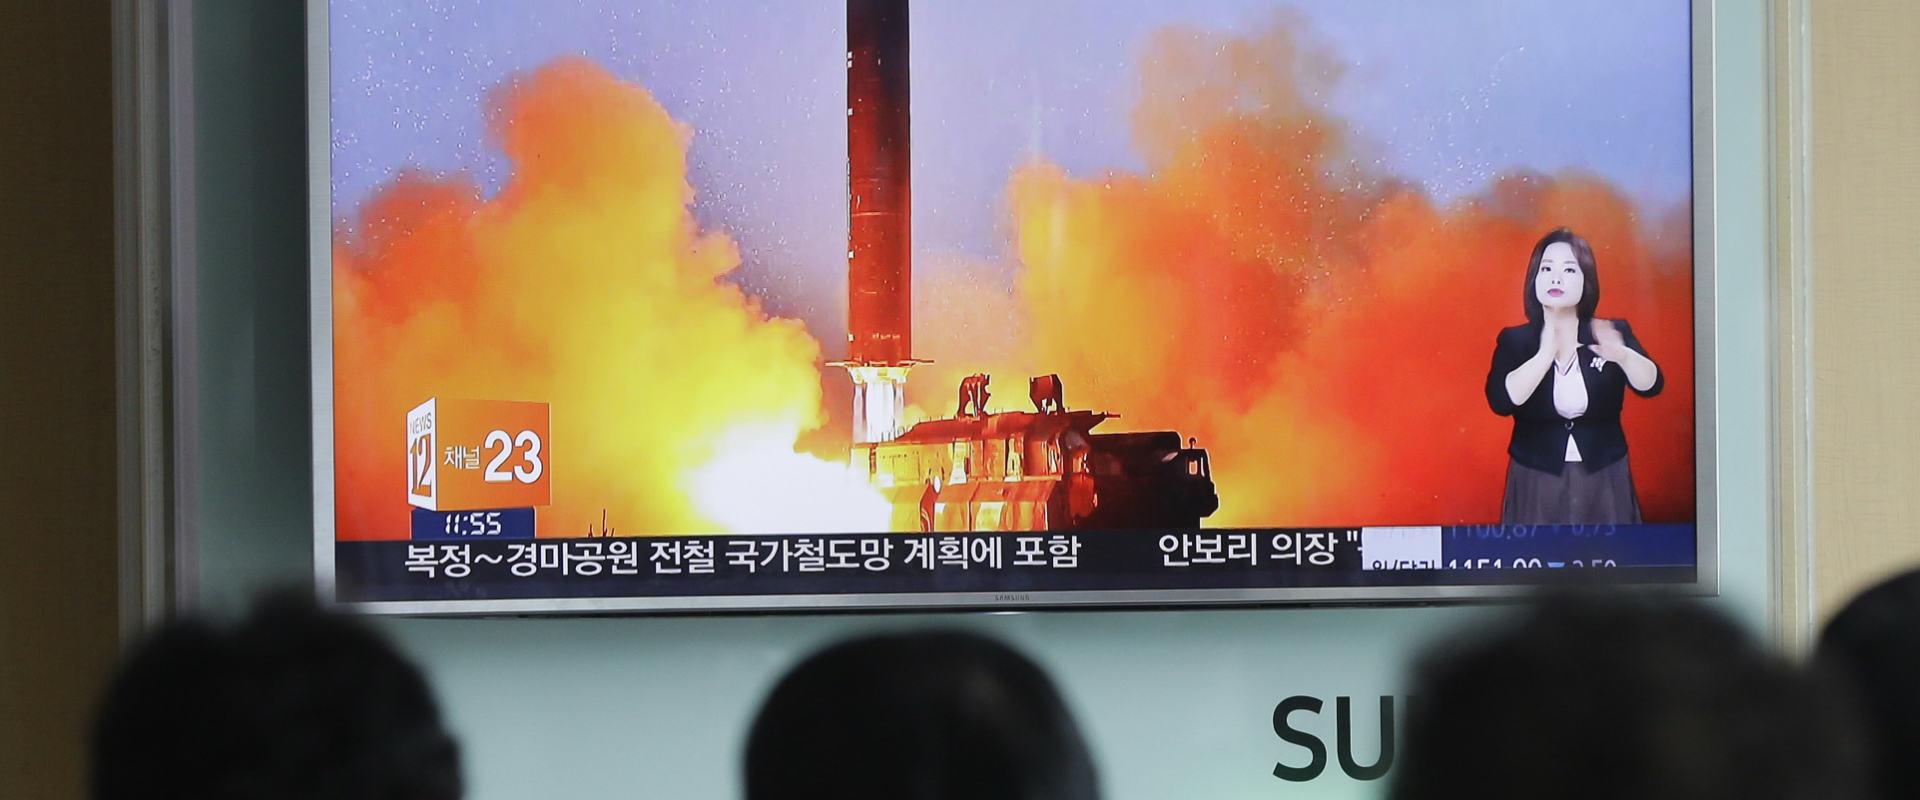 שיגור טילים מצפון קוריאה בטלוויזיה של דרום קוריאה